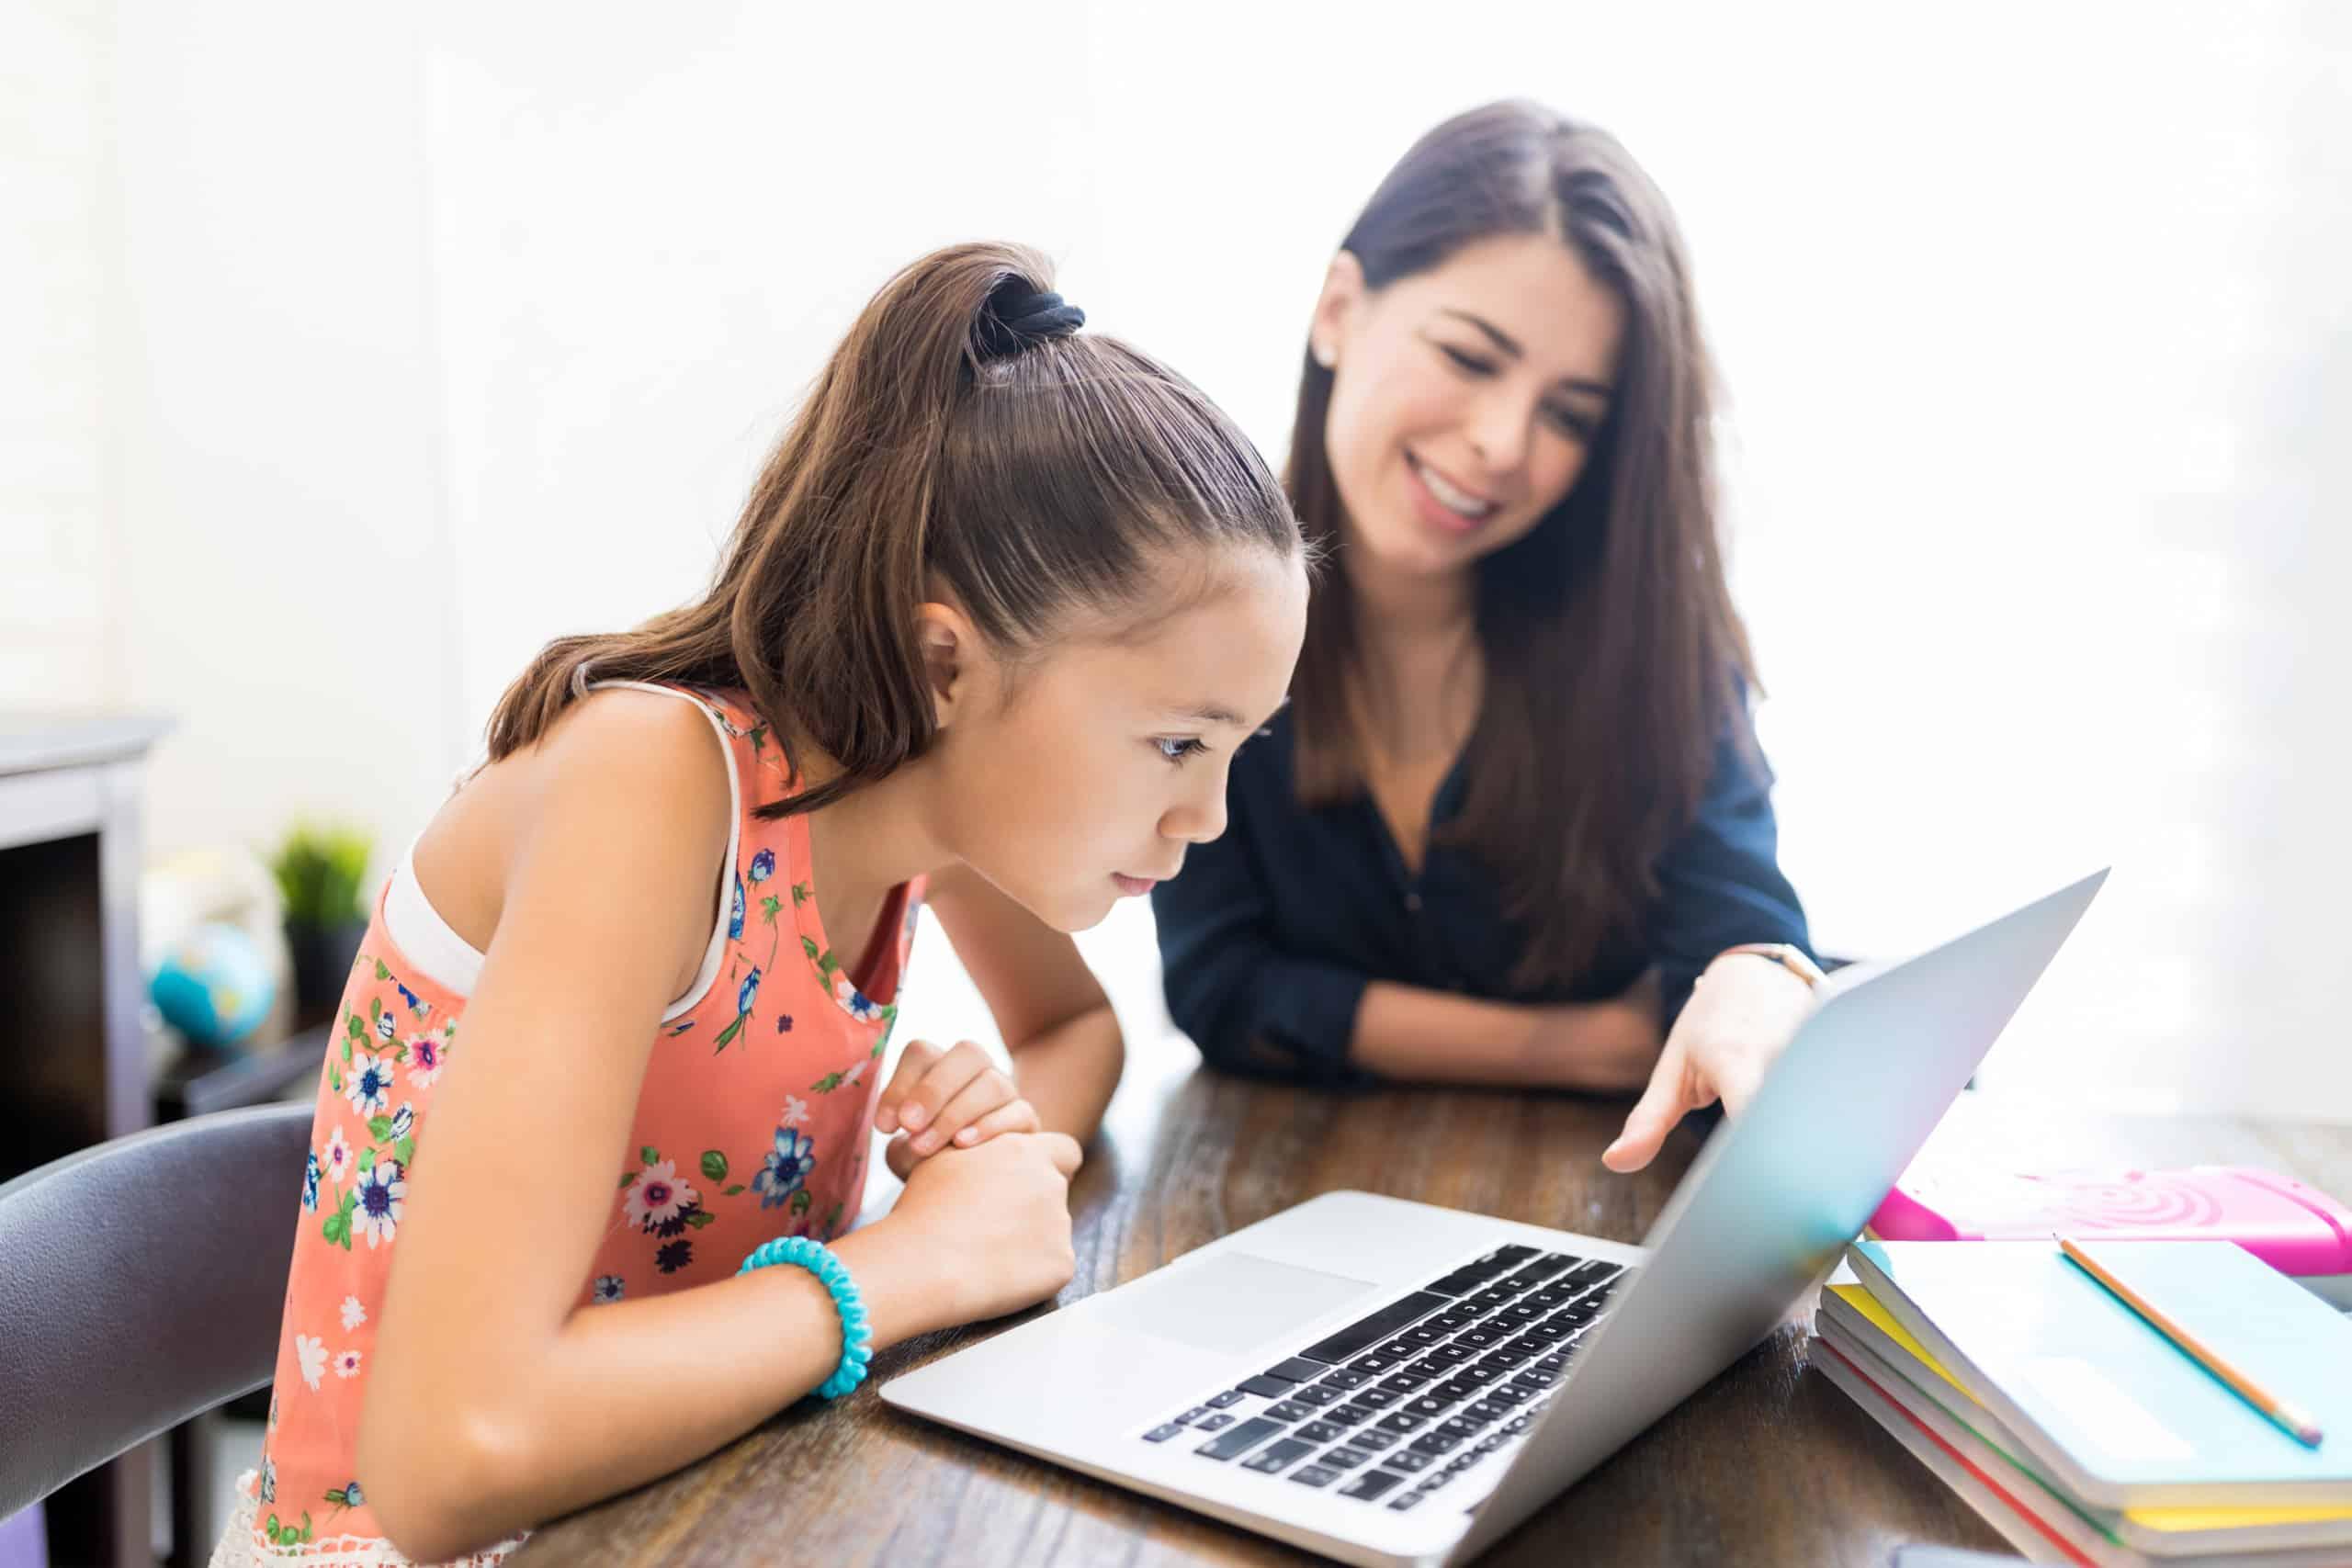 Blog-Imagen-tips-mejorar-atencion-hijo-clases-online-construye-una-nueva-rutina-CWC-Ago20-V1